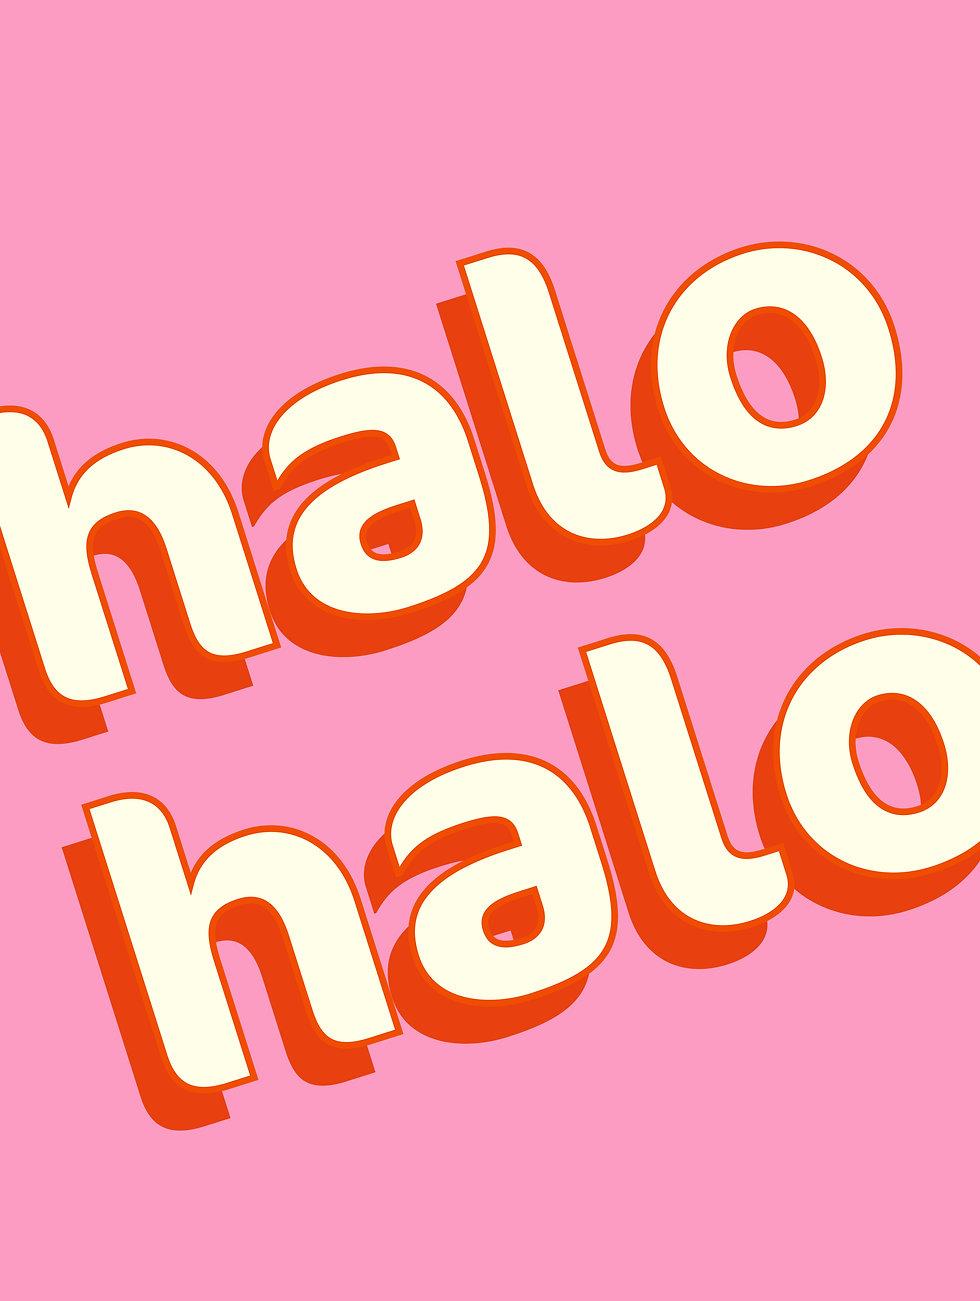 heylo2.jpg